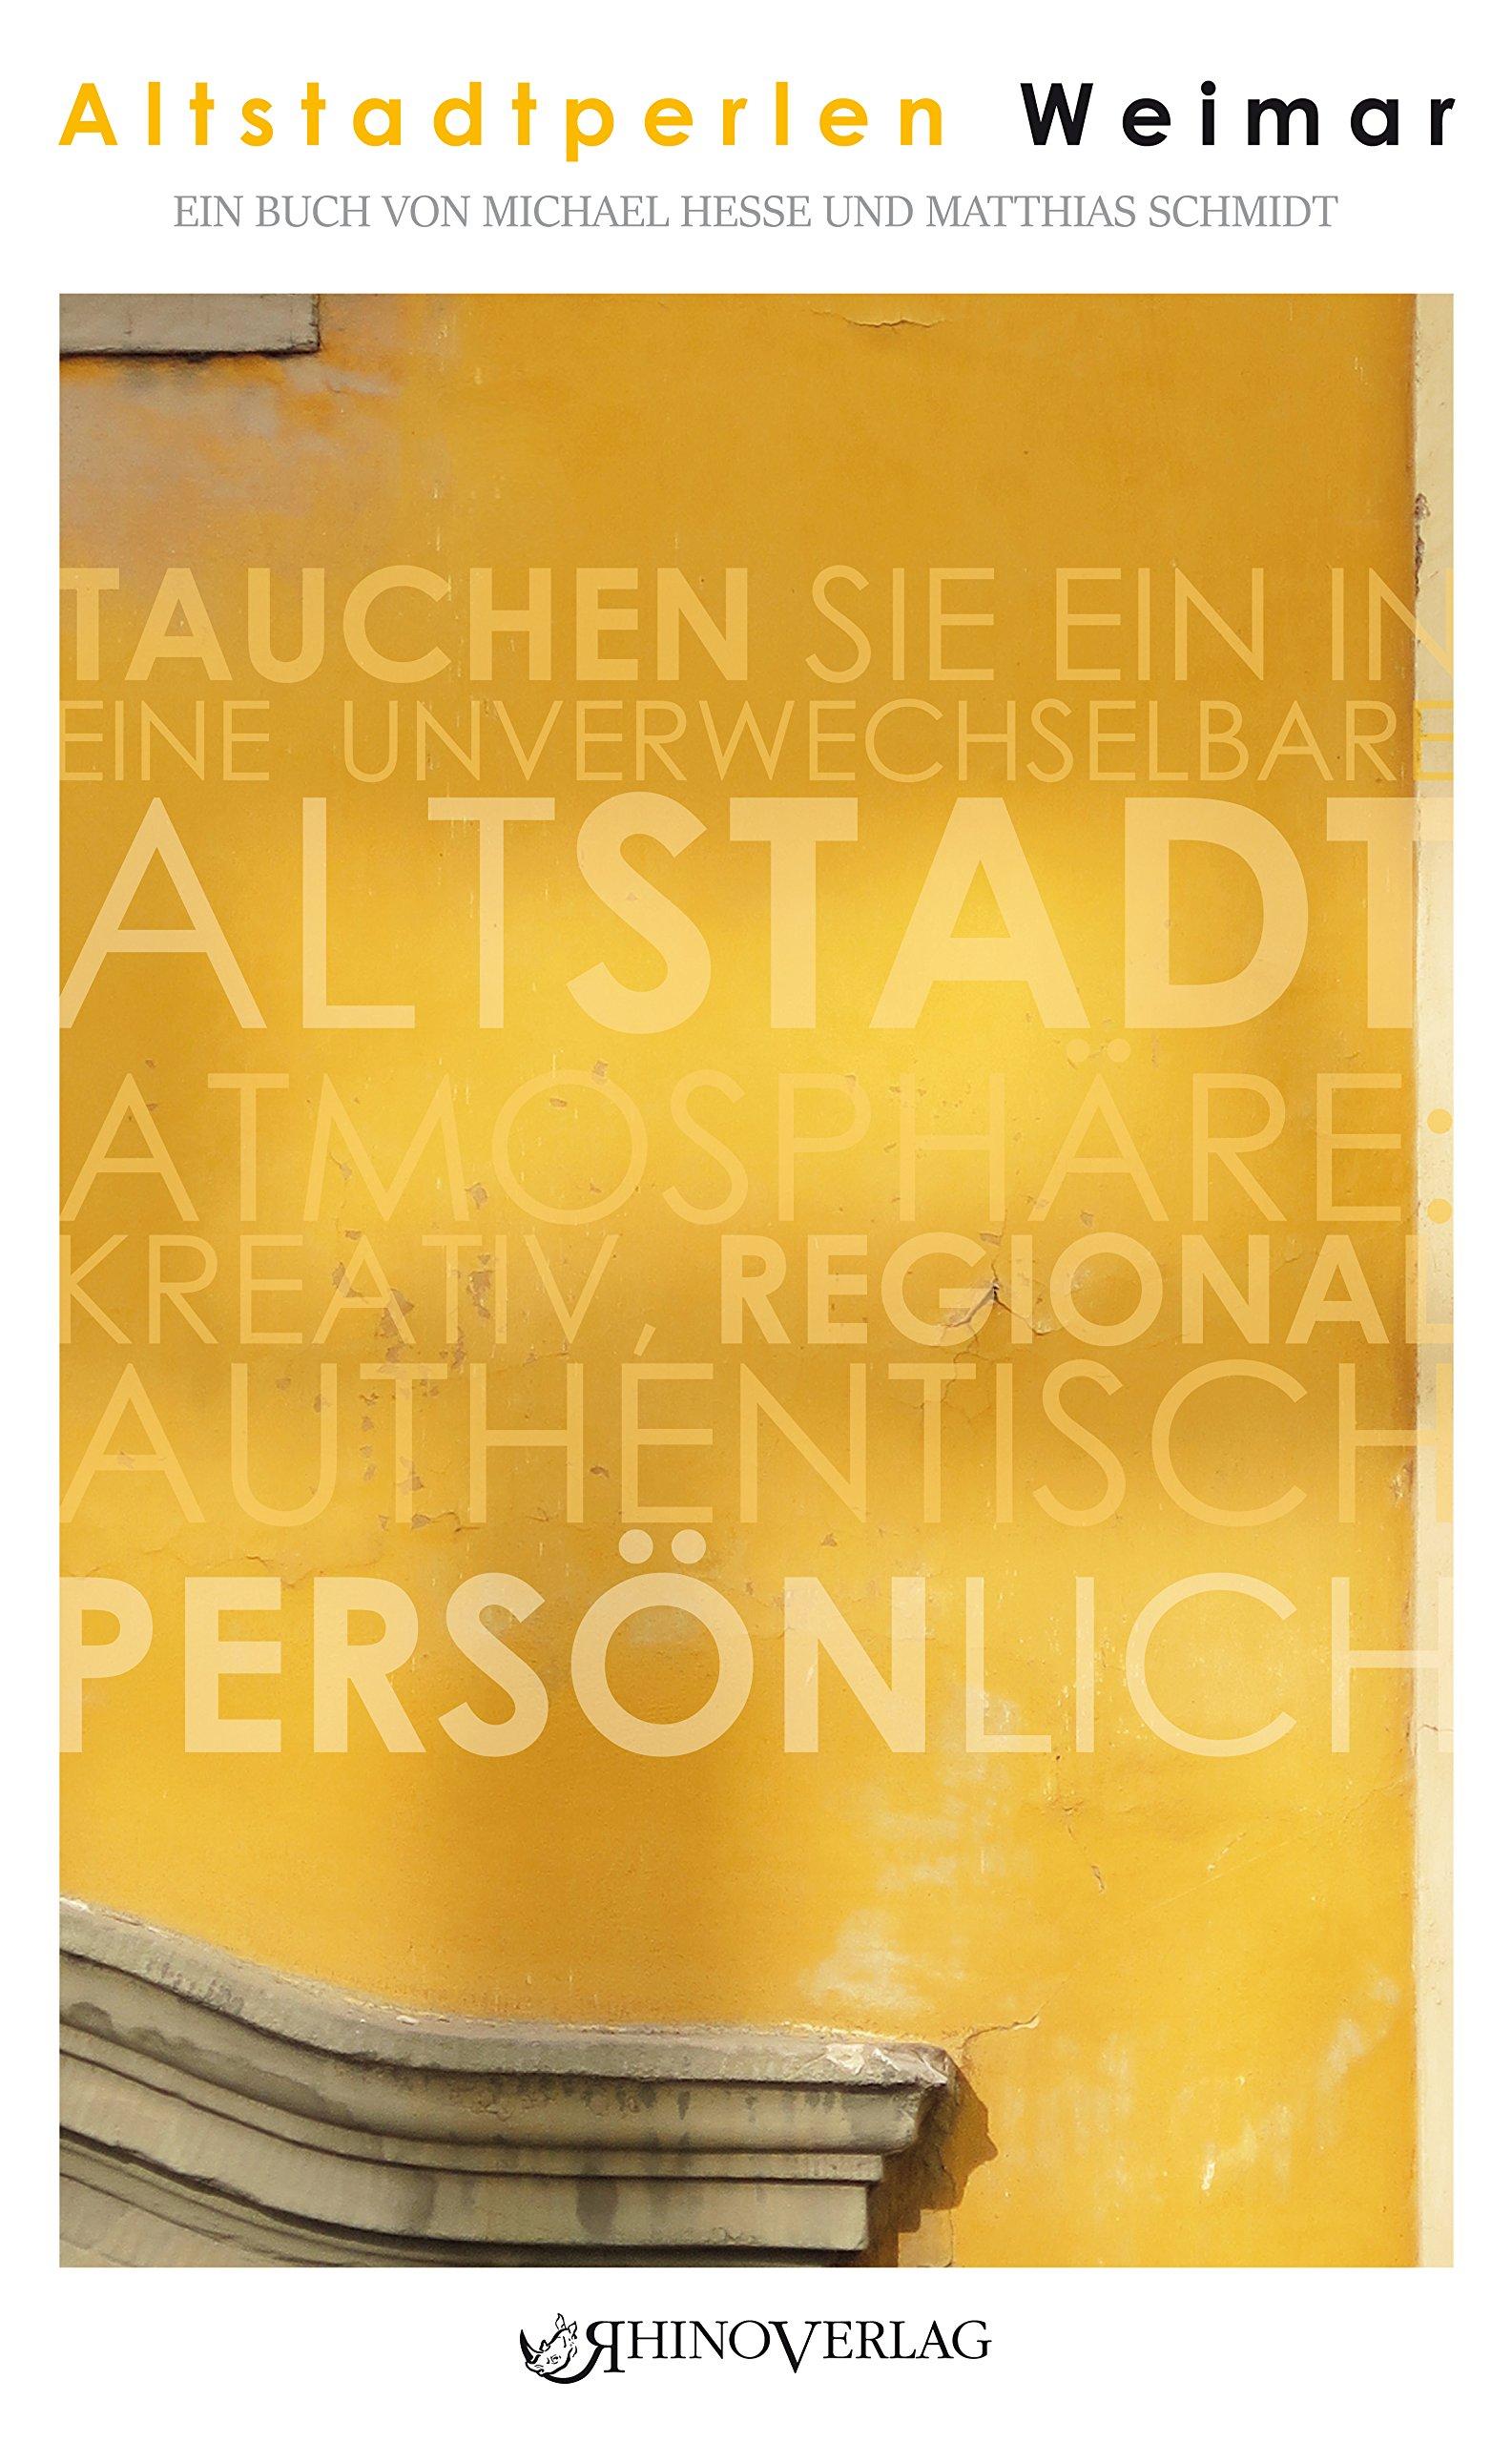 Altstadtperlen Weimar